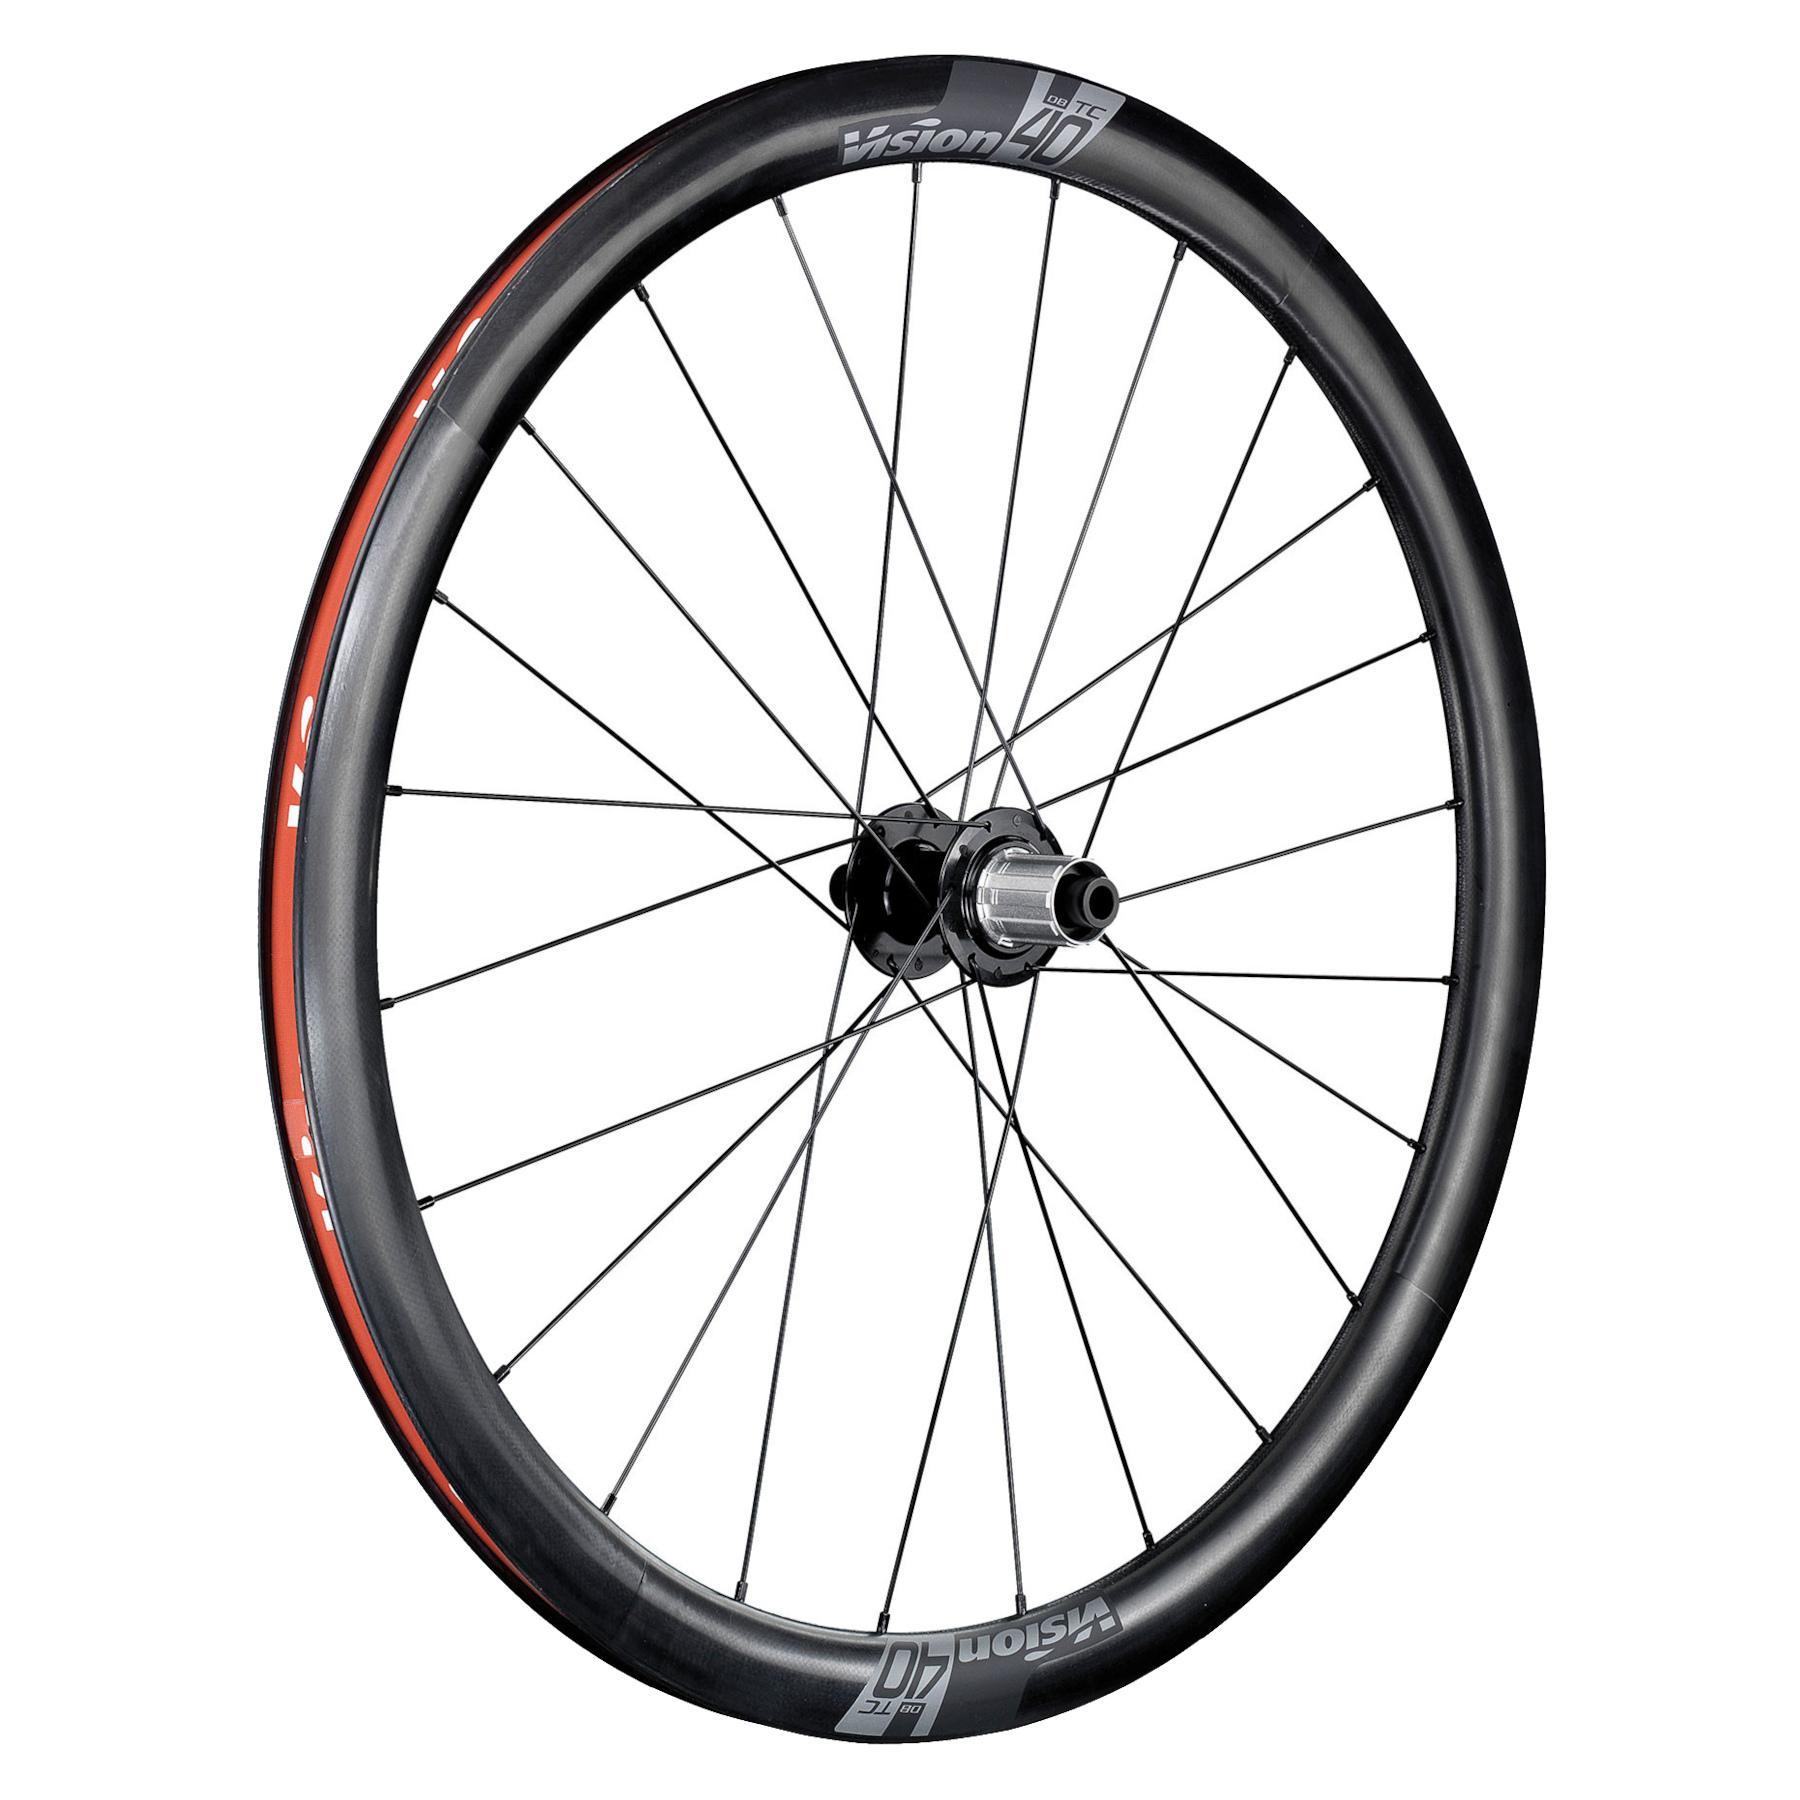 Bild von Vision TC 40 Disc Carbon Laufradsatz - TLR - Centerlock - 12x100mm | 12x142mm - Shimano HG